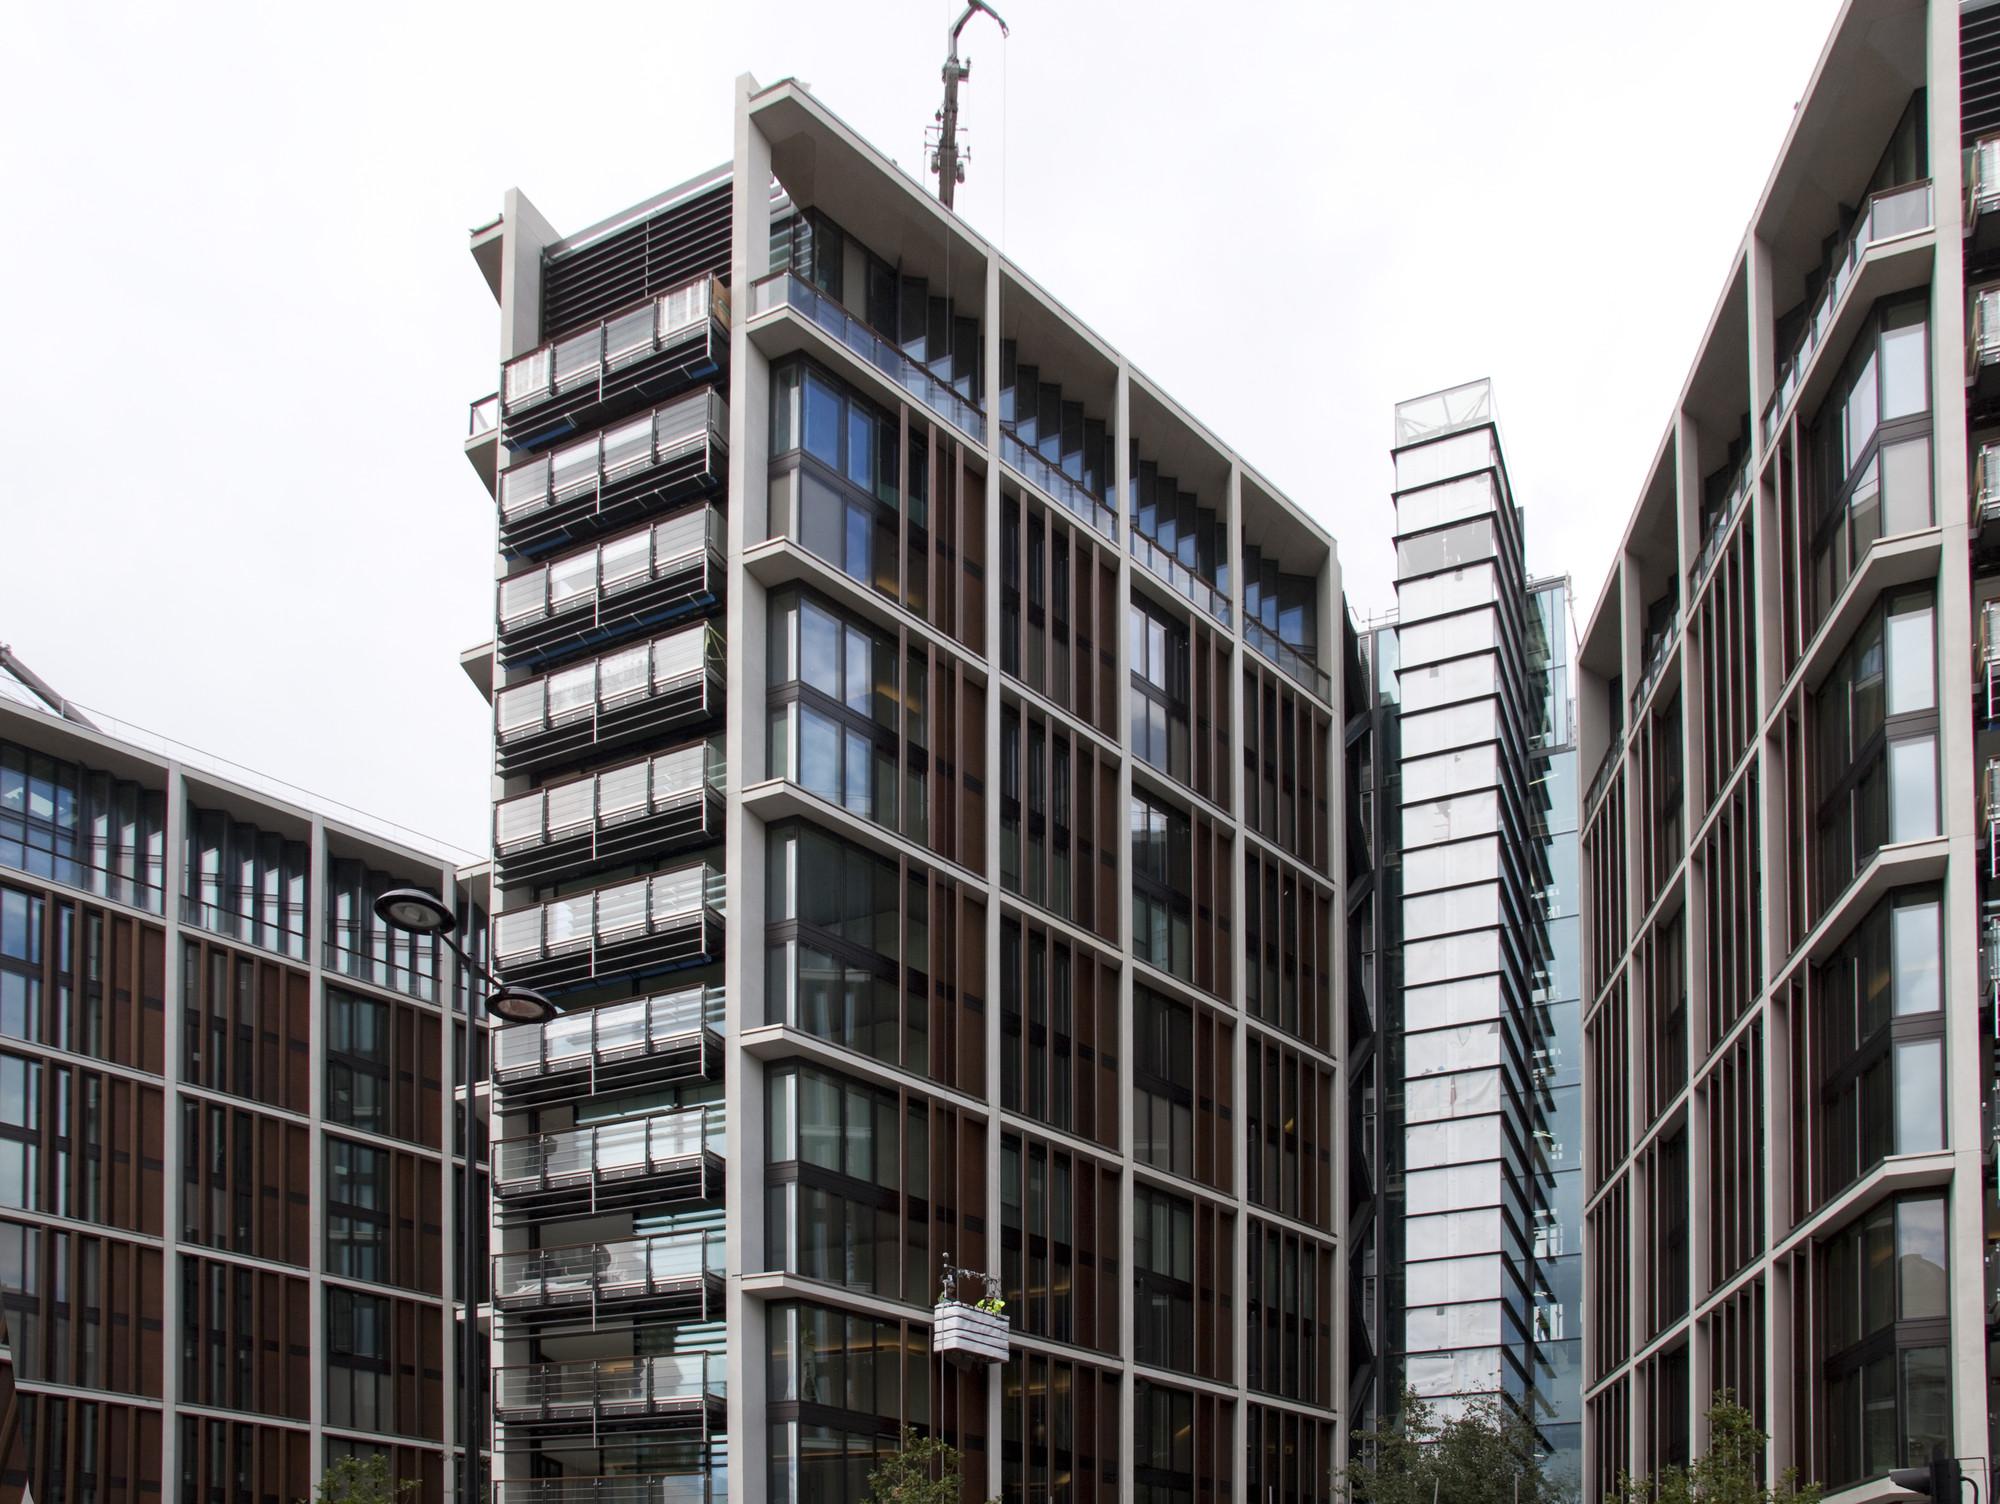 Vendido em Londres o apartamento mais caro do mundo, Vista do One Hyde Park em Londres. Imagem © Tony Hisgett [Wikipedia]